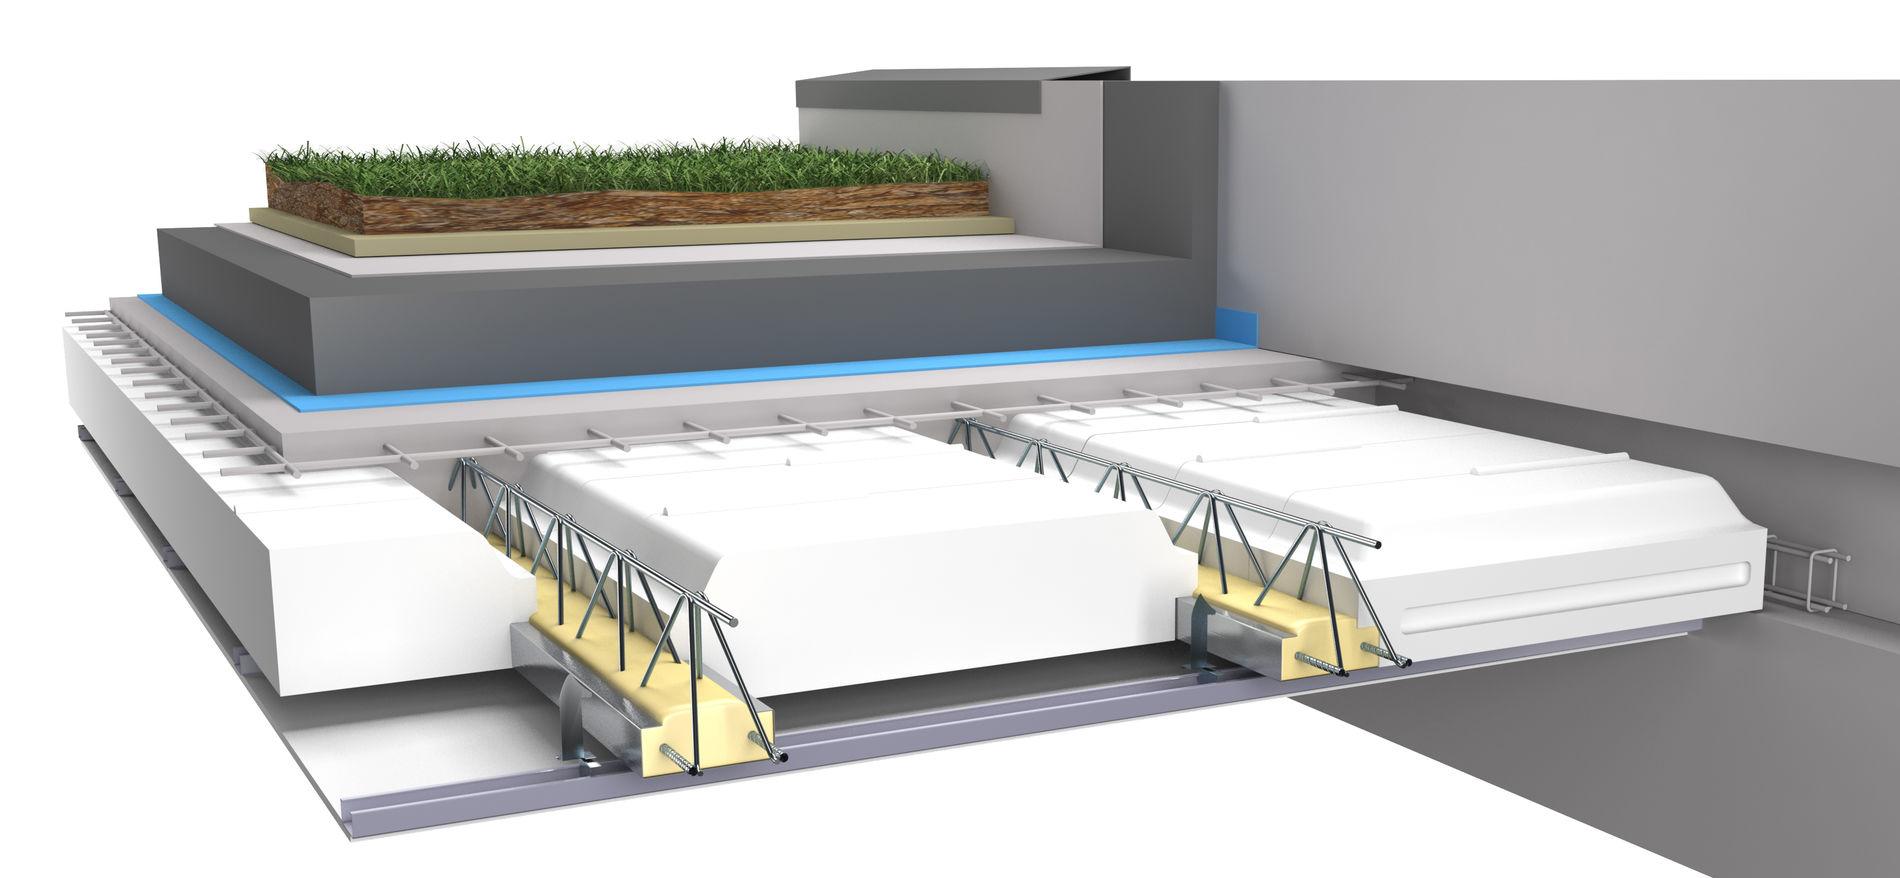 Dimensionnement de l'isolation pour une Toiture terrasse